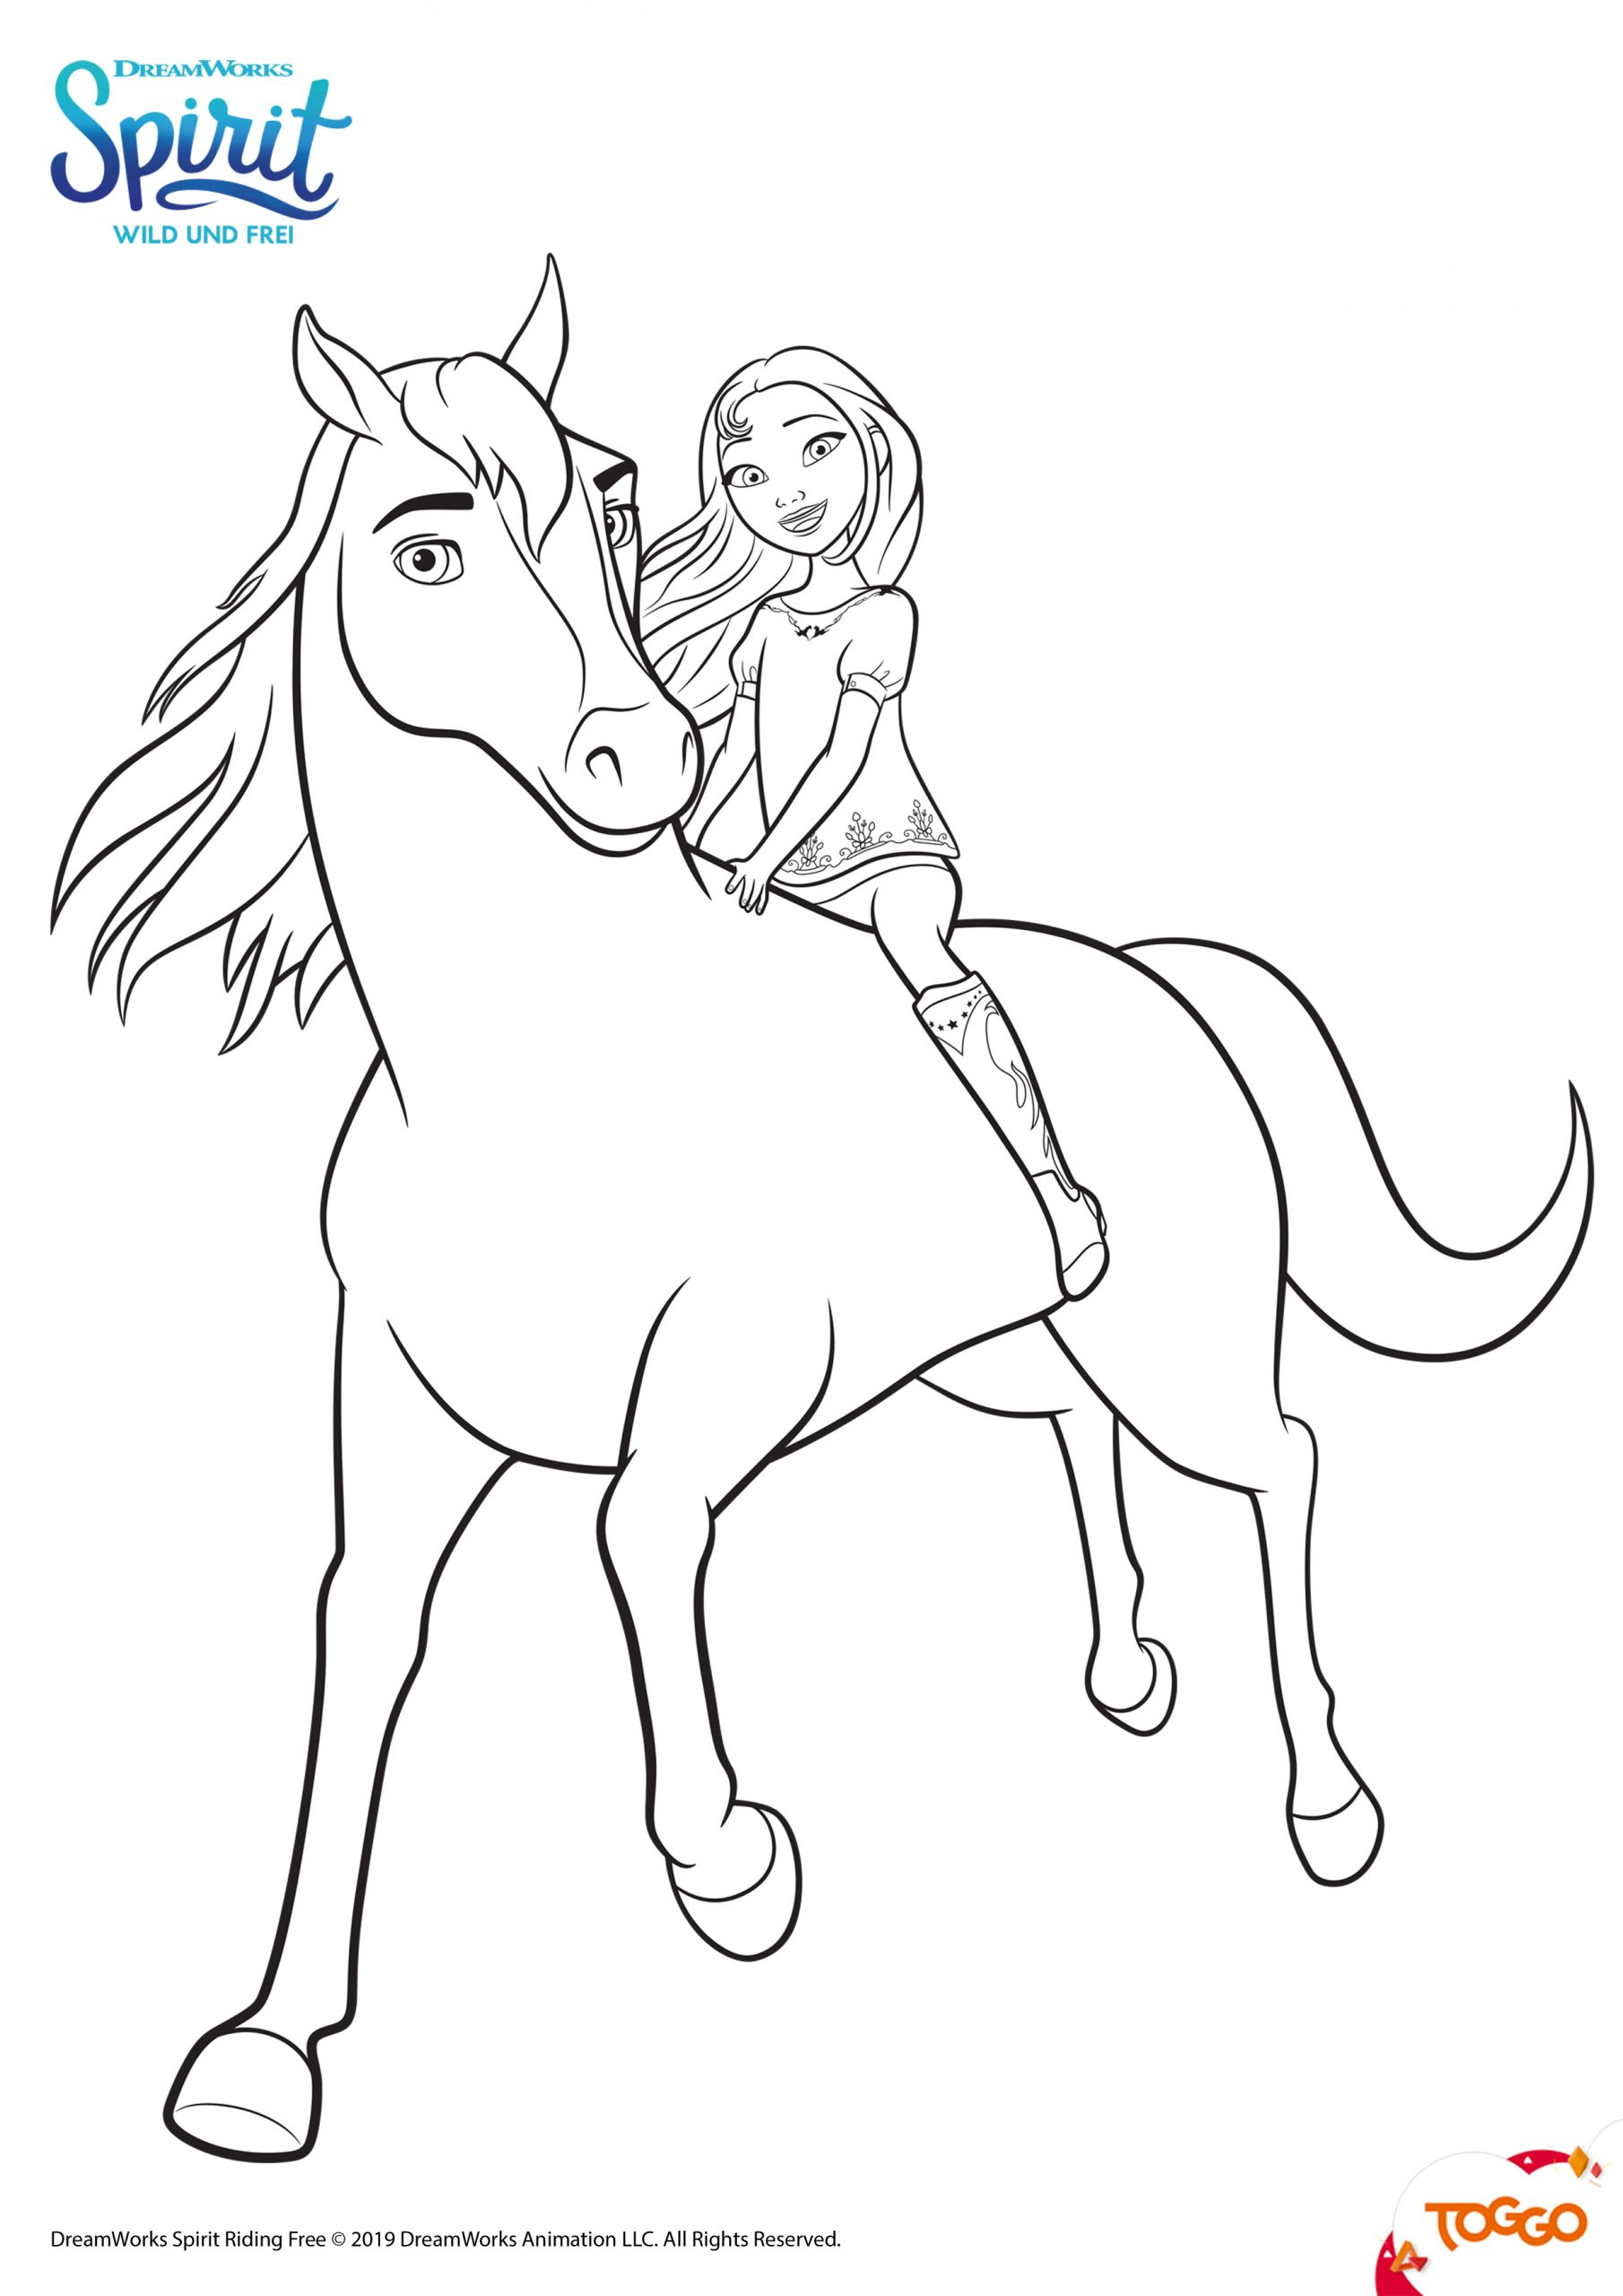 Ausmalbilder Pferde | Mytoys-Blog für Pferde Bilder Zum Ausmalen Und Ausdrucken